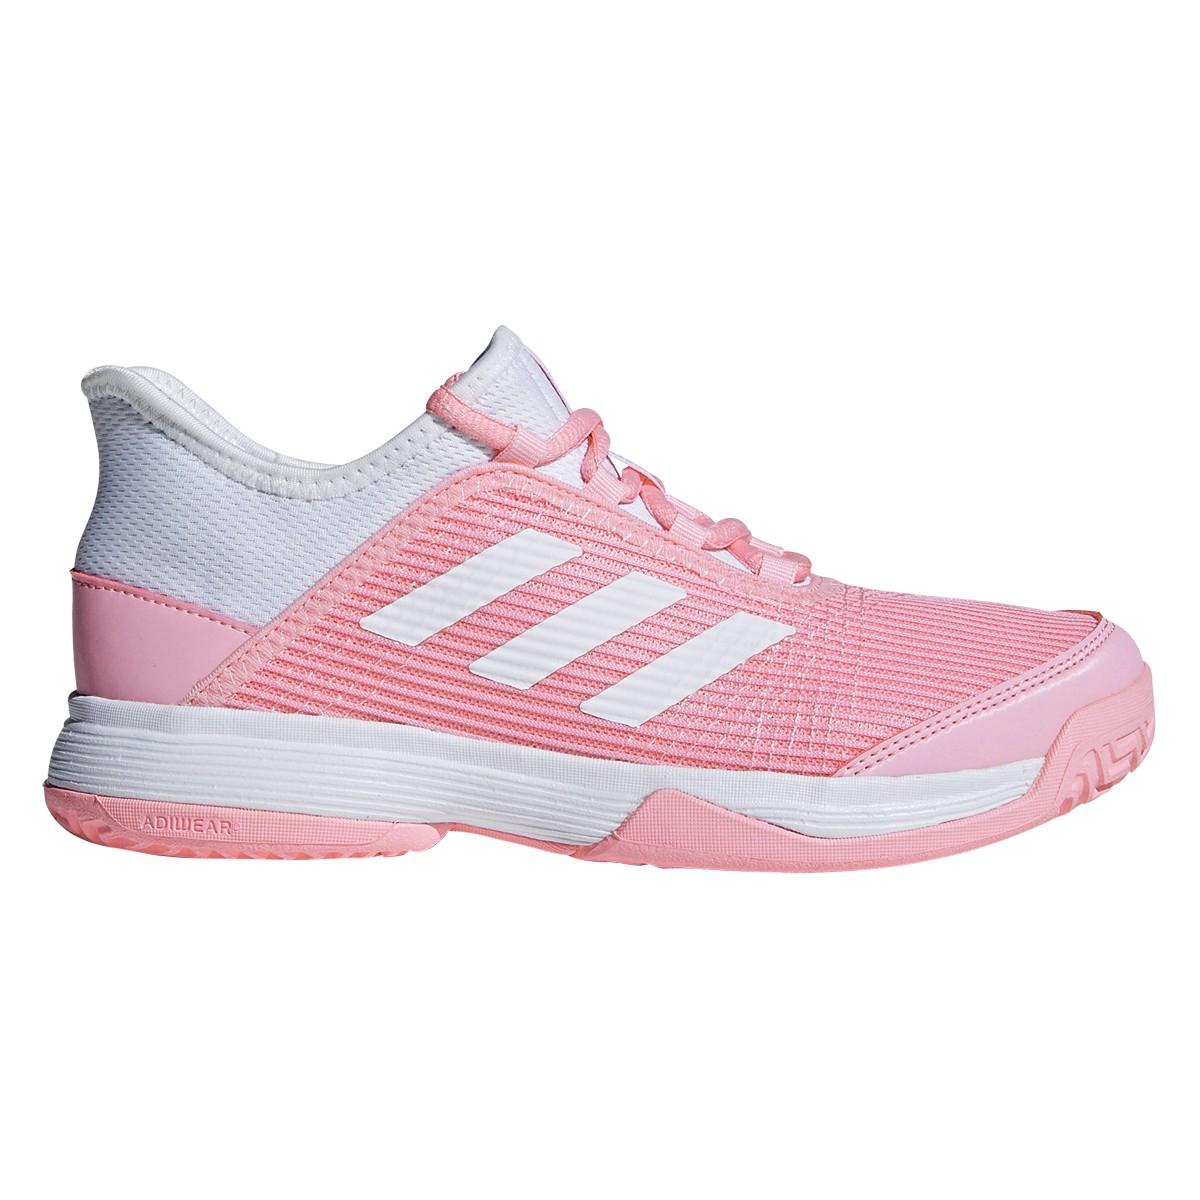 scarpe tennis adidas junior